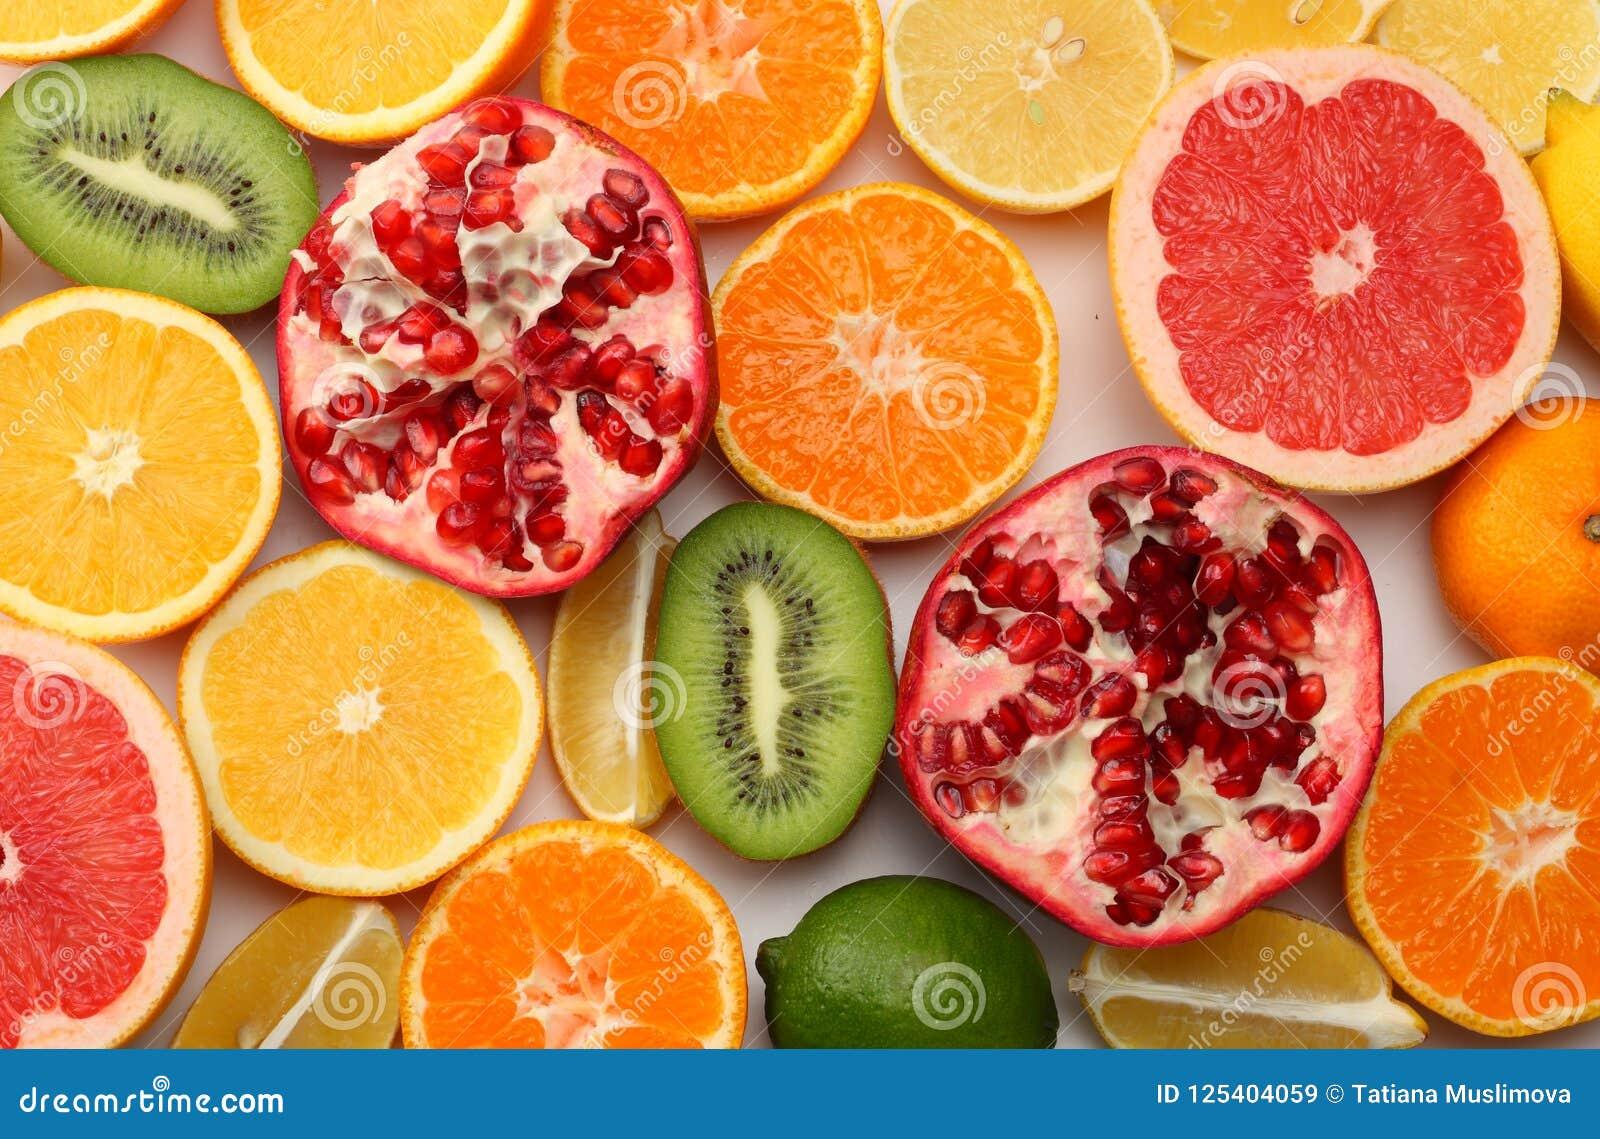 еда здоровая смешайте отрезанный лимон, зеленую известку, апельсин, мандарин, плодоовощ кивиа и грейпфрут изолированные на белой